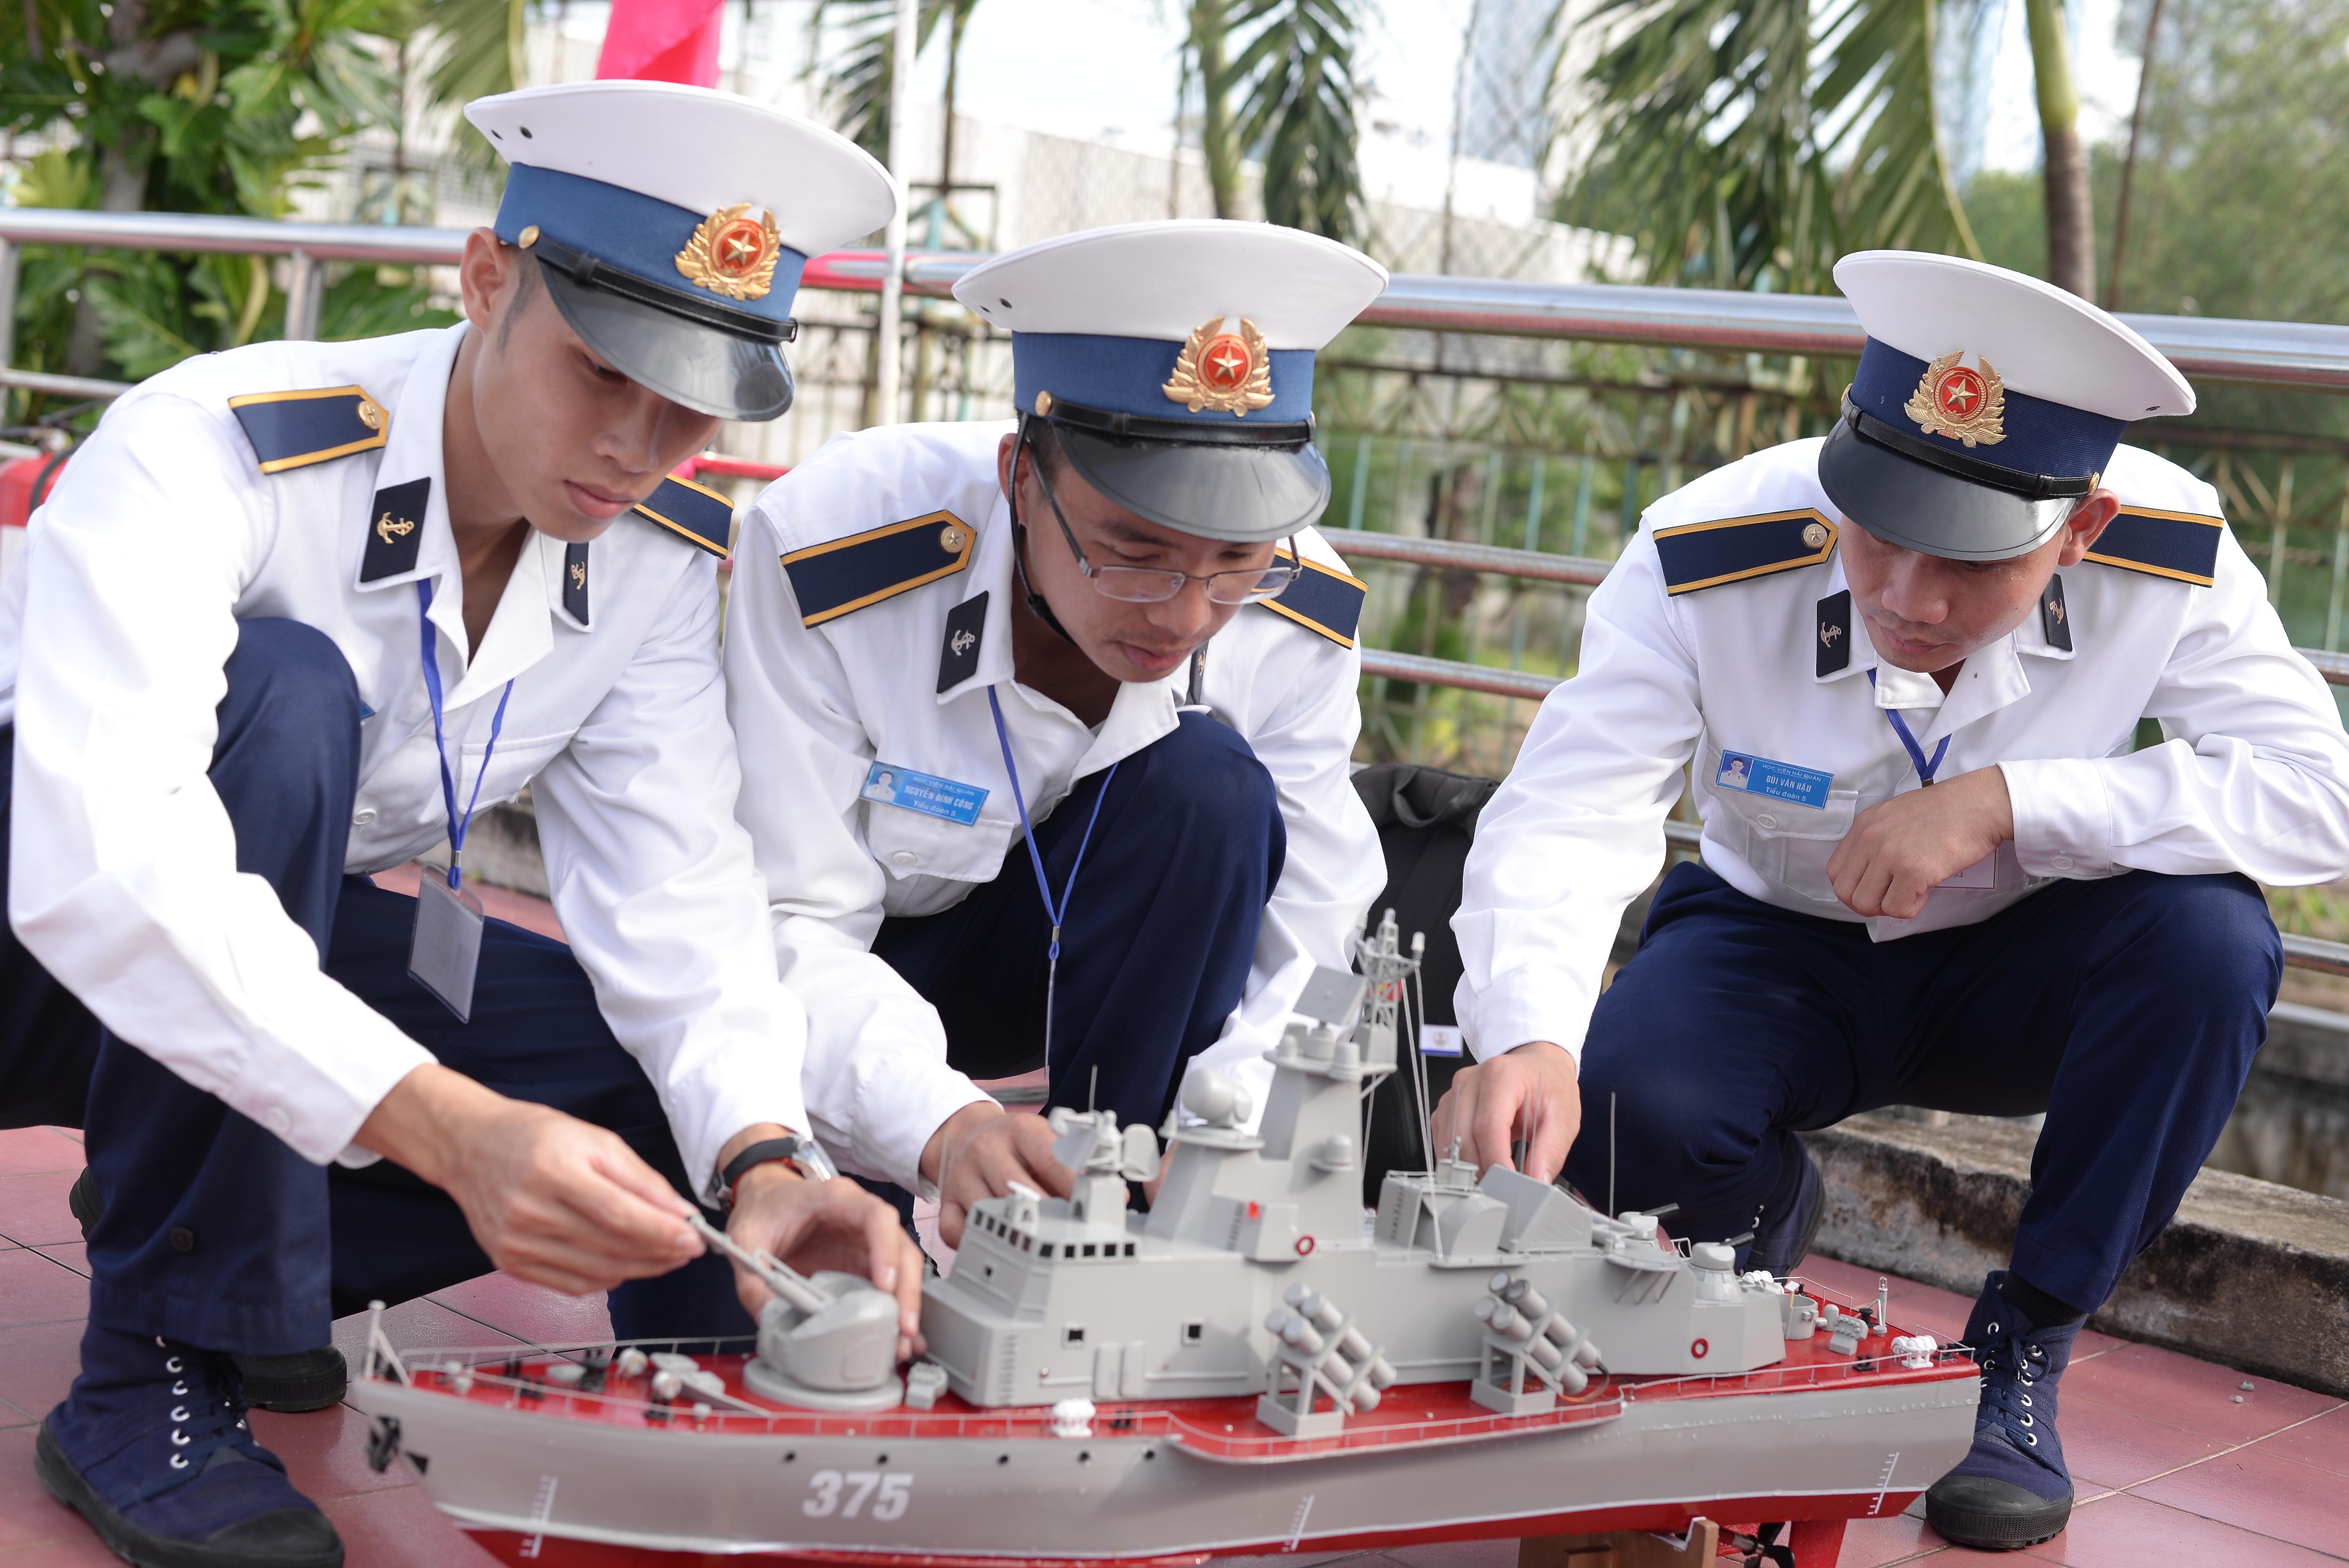 Học viện Hải quân tổ chức cuộc thi 'Sáng tạo mô hình tàu chiến đấu' năm 2020 Ảnh 2